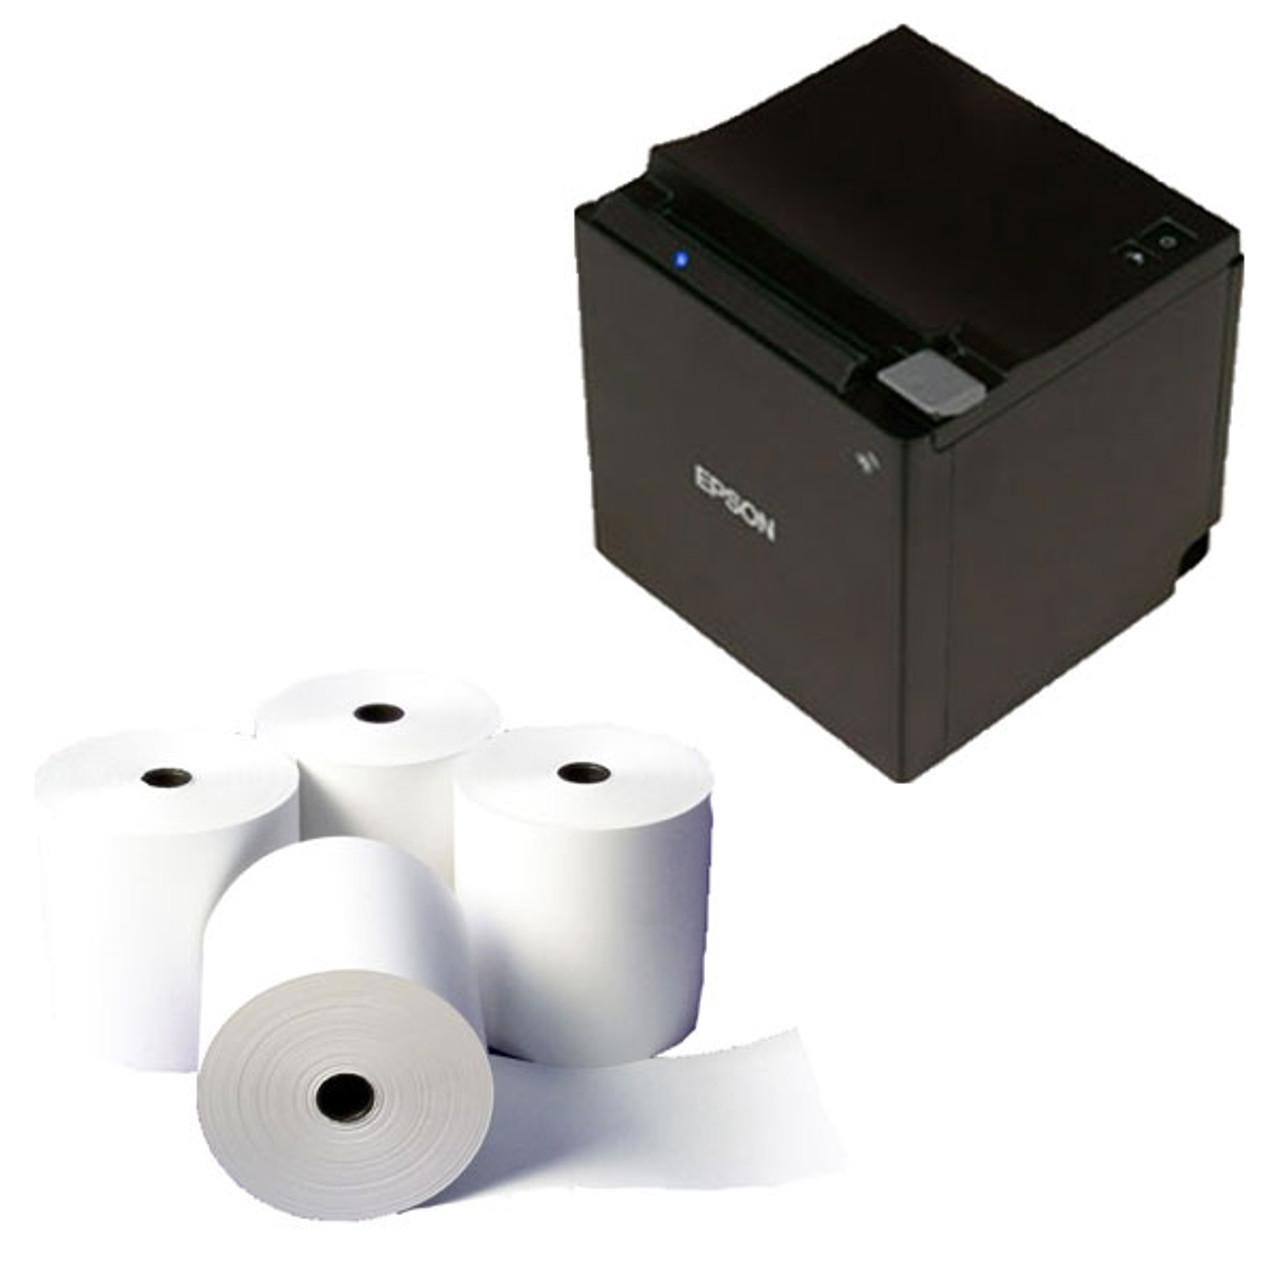 POS Bundle 5- Epson TM-M30 Printer + 80mmX80mm Receipt Rolls